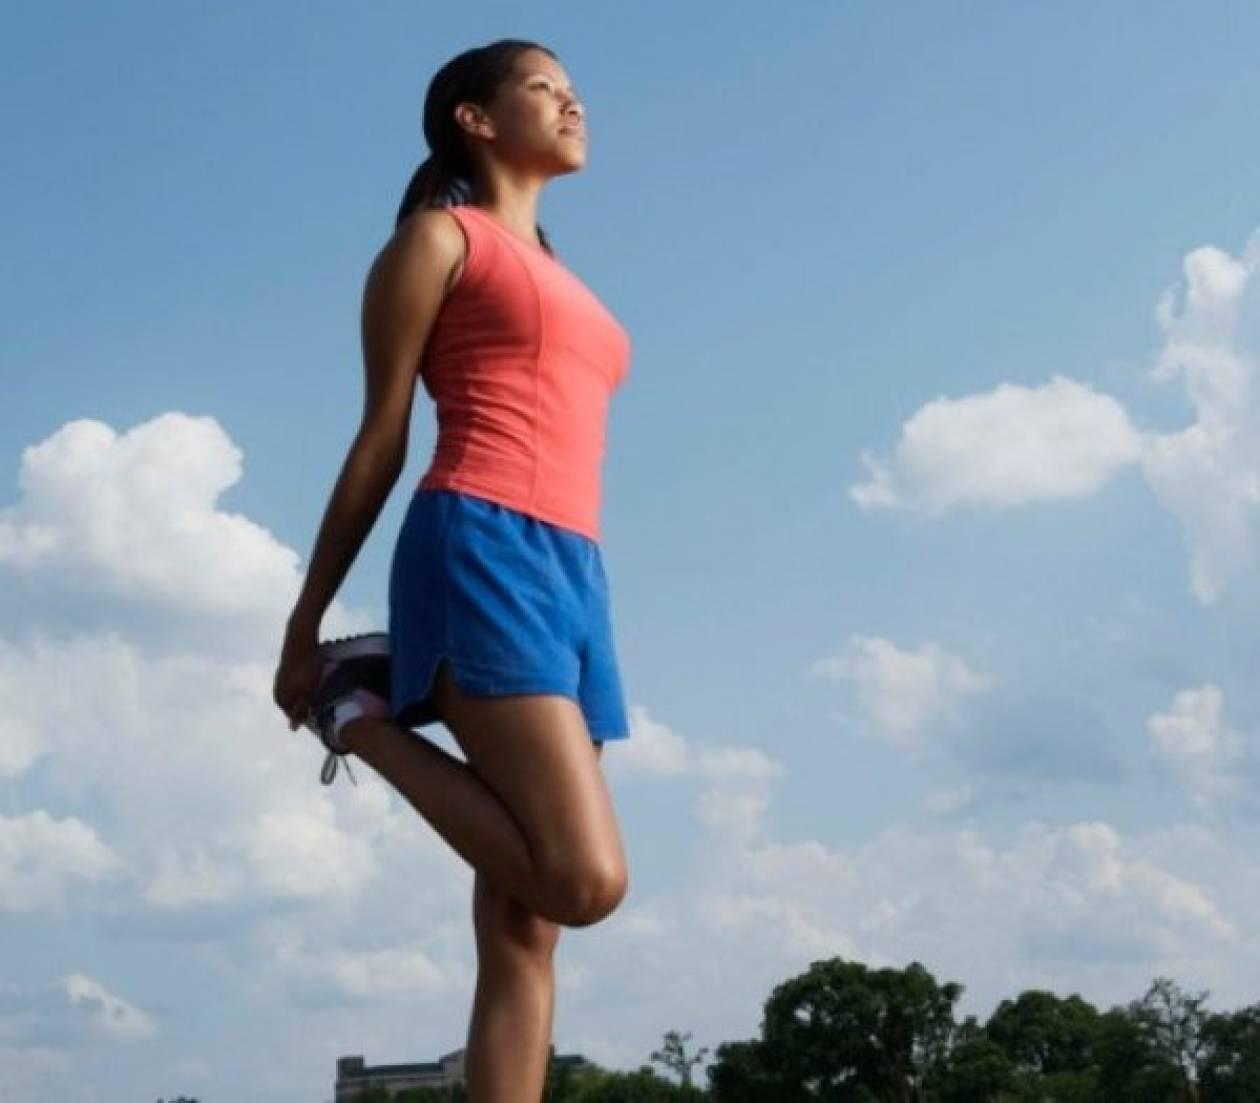 Οι διατάσεις πριν και μετά την άσκηση είναι εξίσου σημαντικές